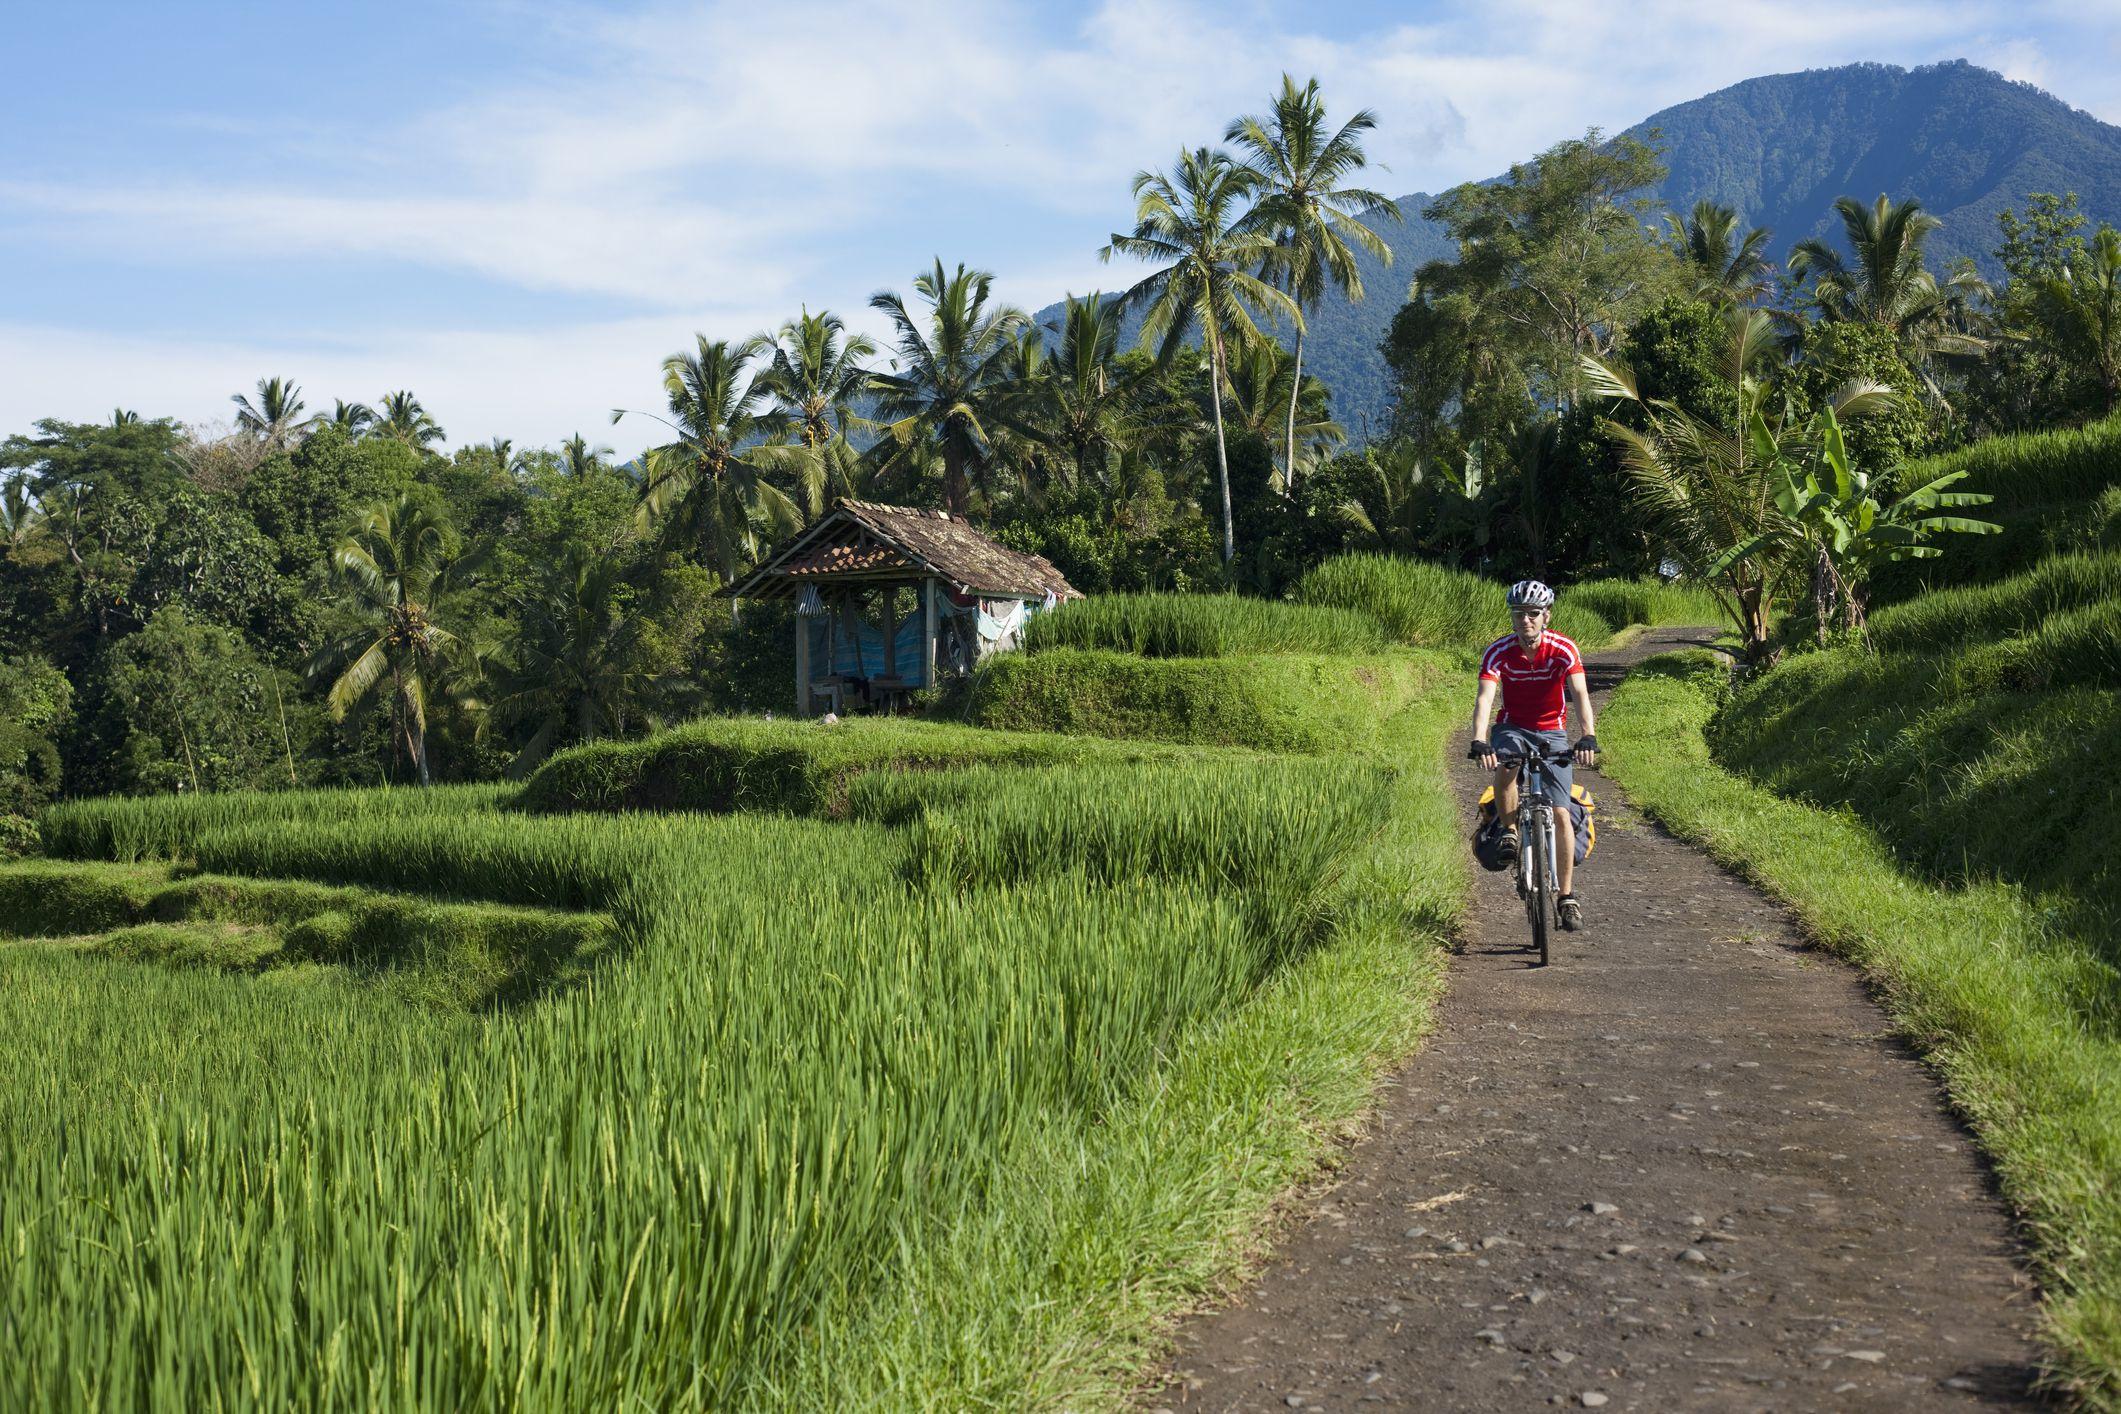 Indonesia, Bali, Tegalalang, Man cycling through country road